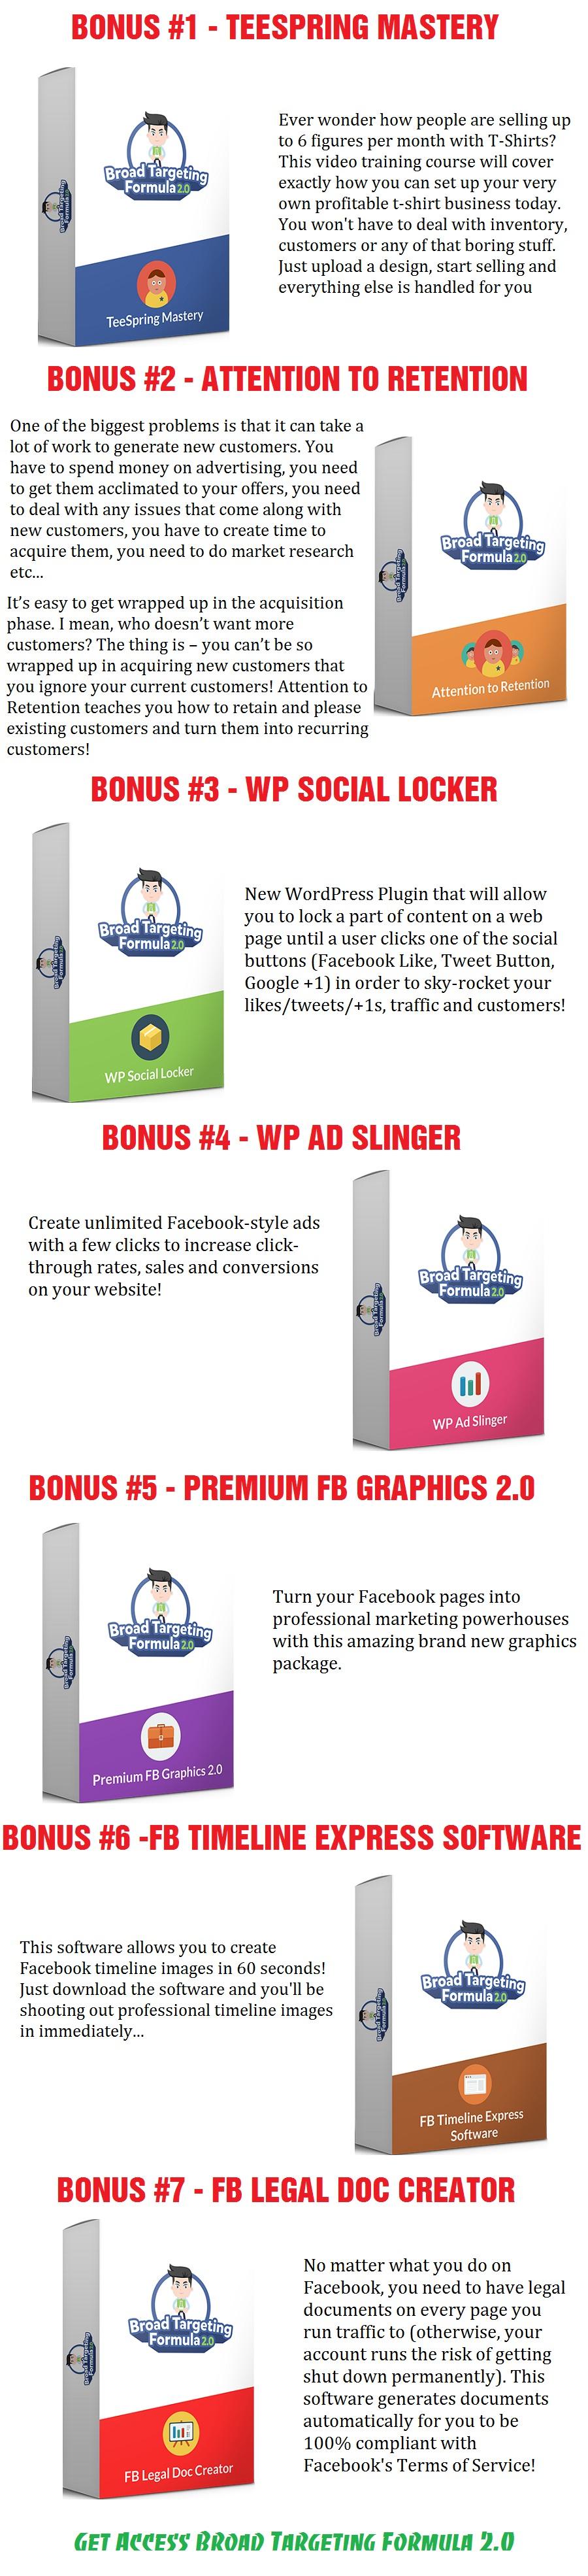 Broad Targeting Formula 2.0 Bonus